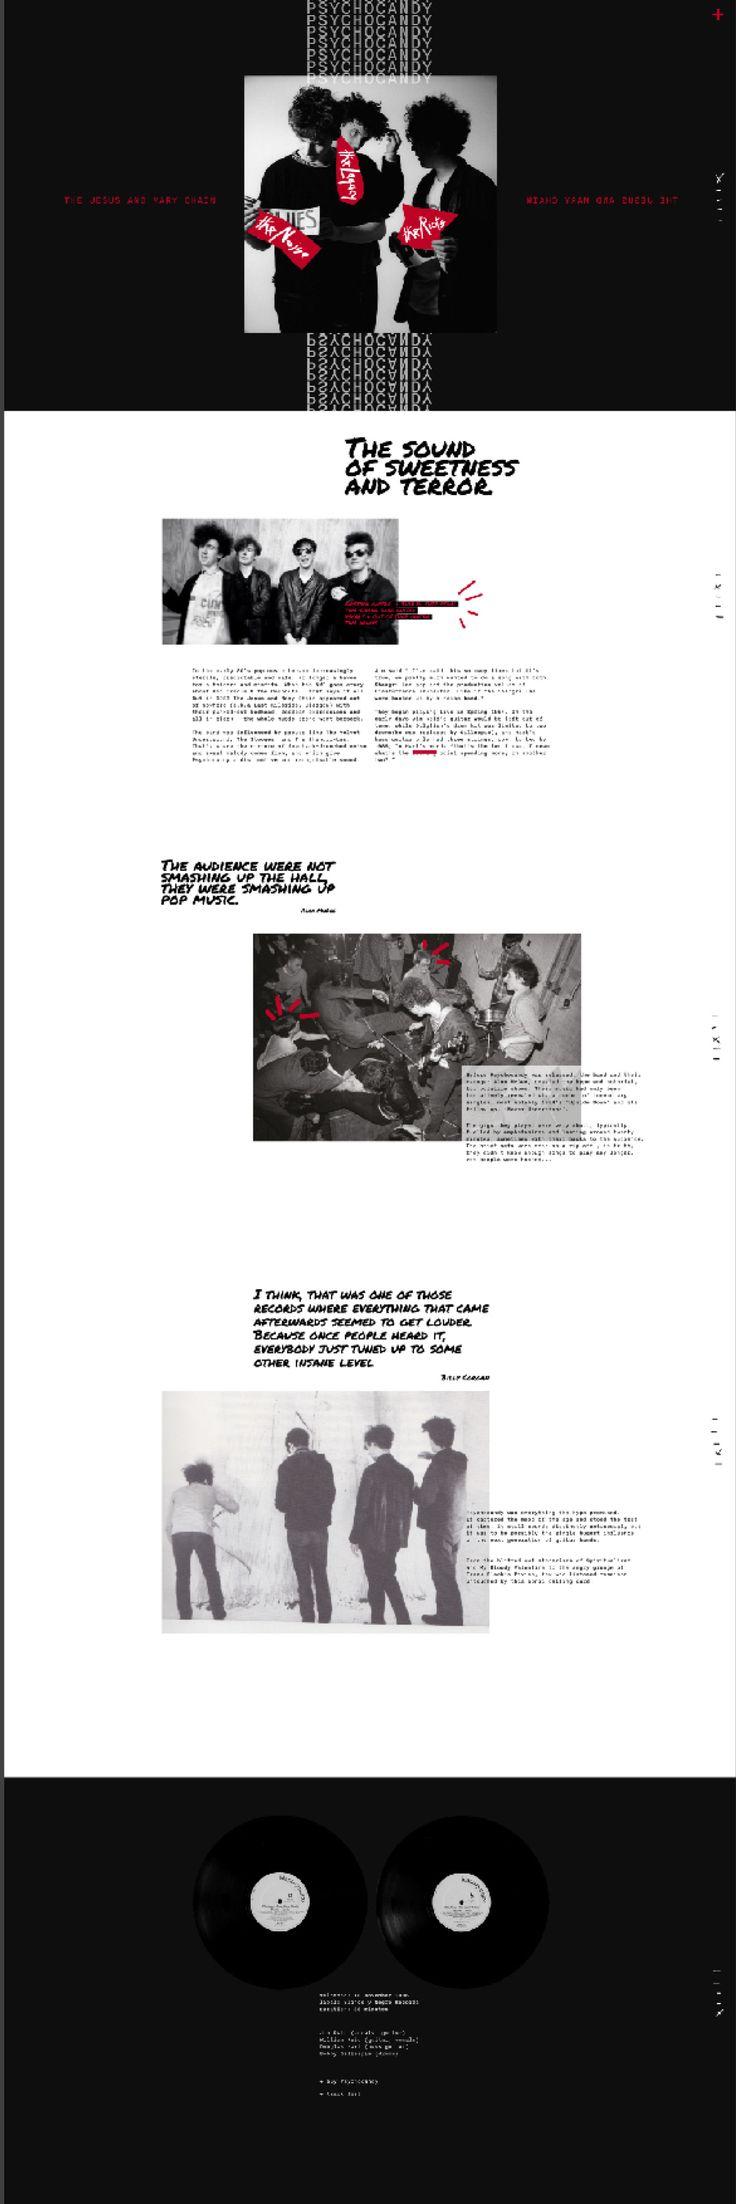 Aga Pomaranska   Jesus & Mary Chain - Psychocandy   website